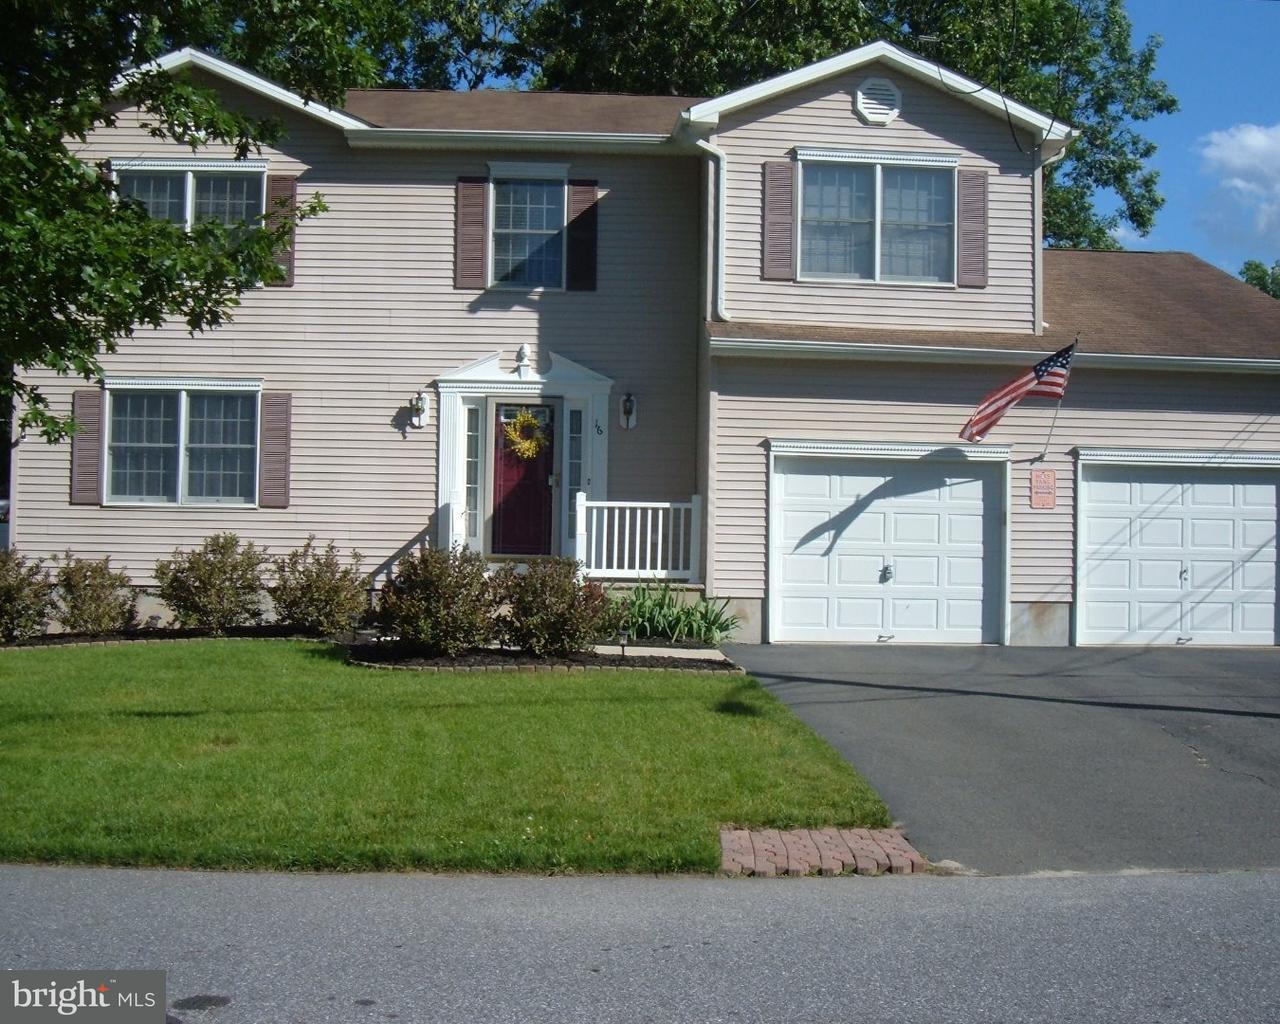 一戸建て のために 売買 アット 16 BELL Place Browns Mills, ニュージャージー 08015 アメリカ合衆国